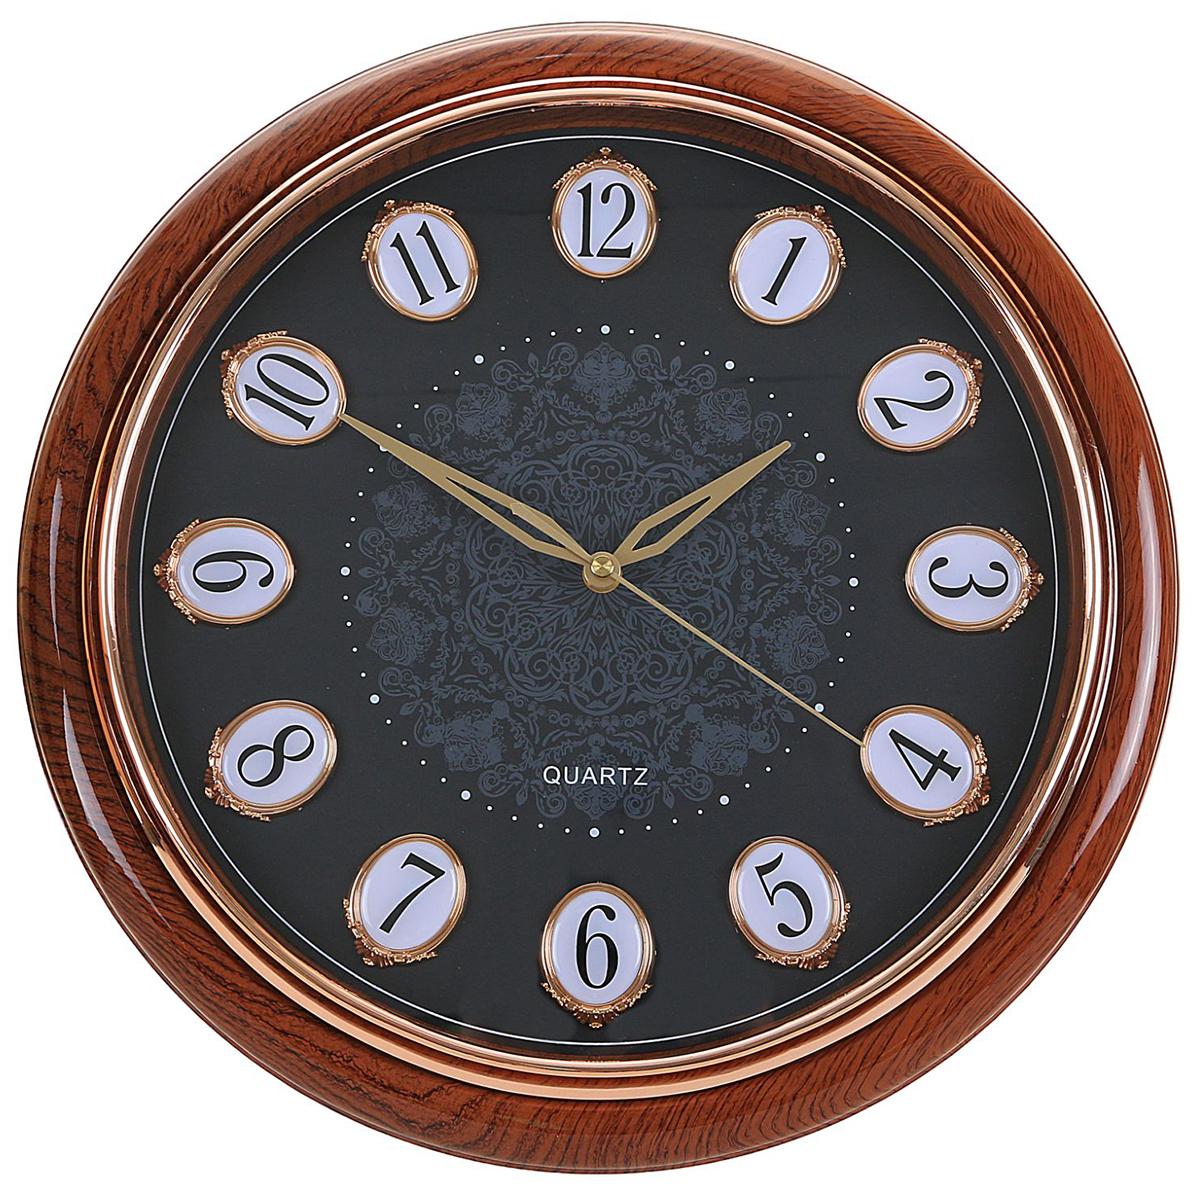 Часы настенные интерьерные Кружева, цвет: черный, дерево, 41 см хочу продать свою квартиру которая менее 3х лет и другую какие налоги надо заплатить